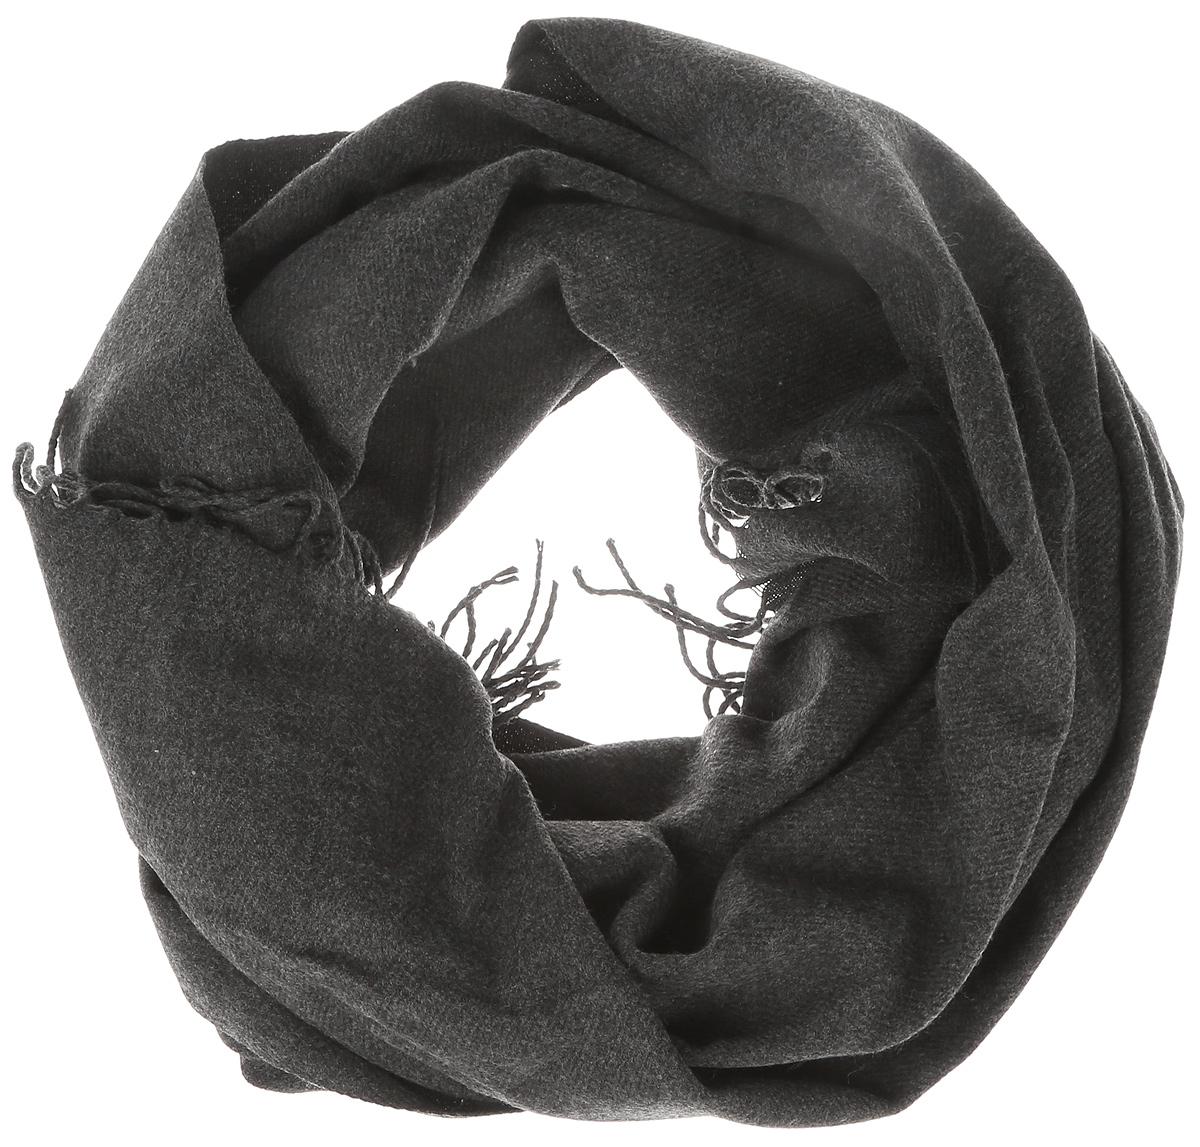 Палантин женский Vero Moda, цвет: темно-серый. 10137899. Размер универсальный10137899_Dark Grey MelangeМодный женский палантин Vero Moda изготовлен из 100% акрила. По краям модель оформлена кистями.